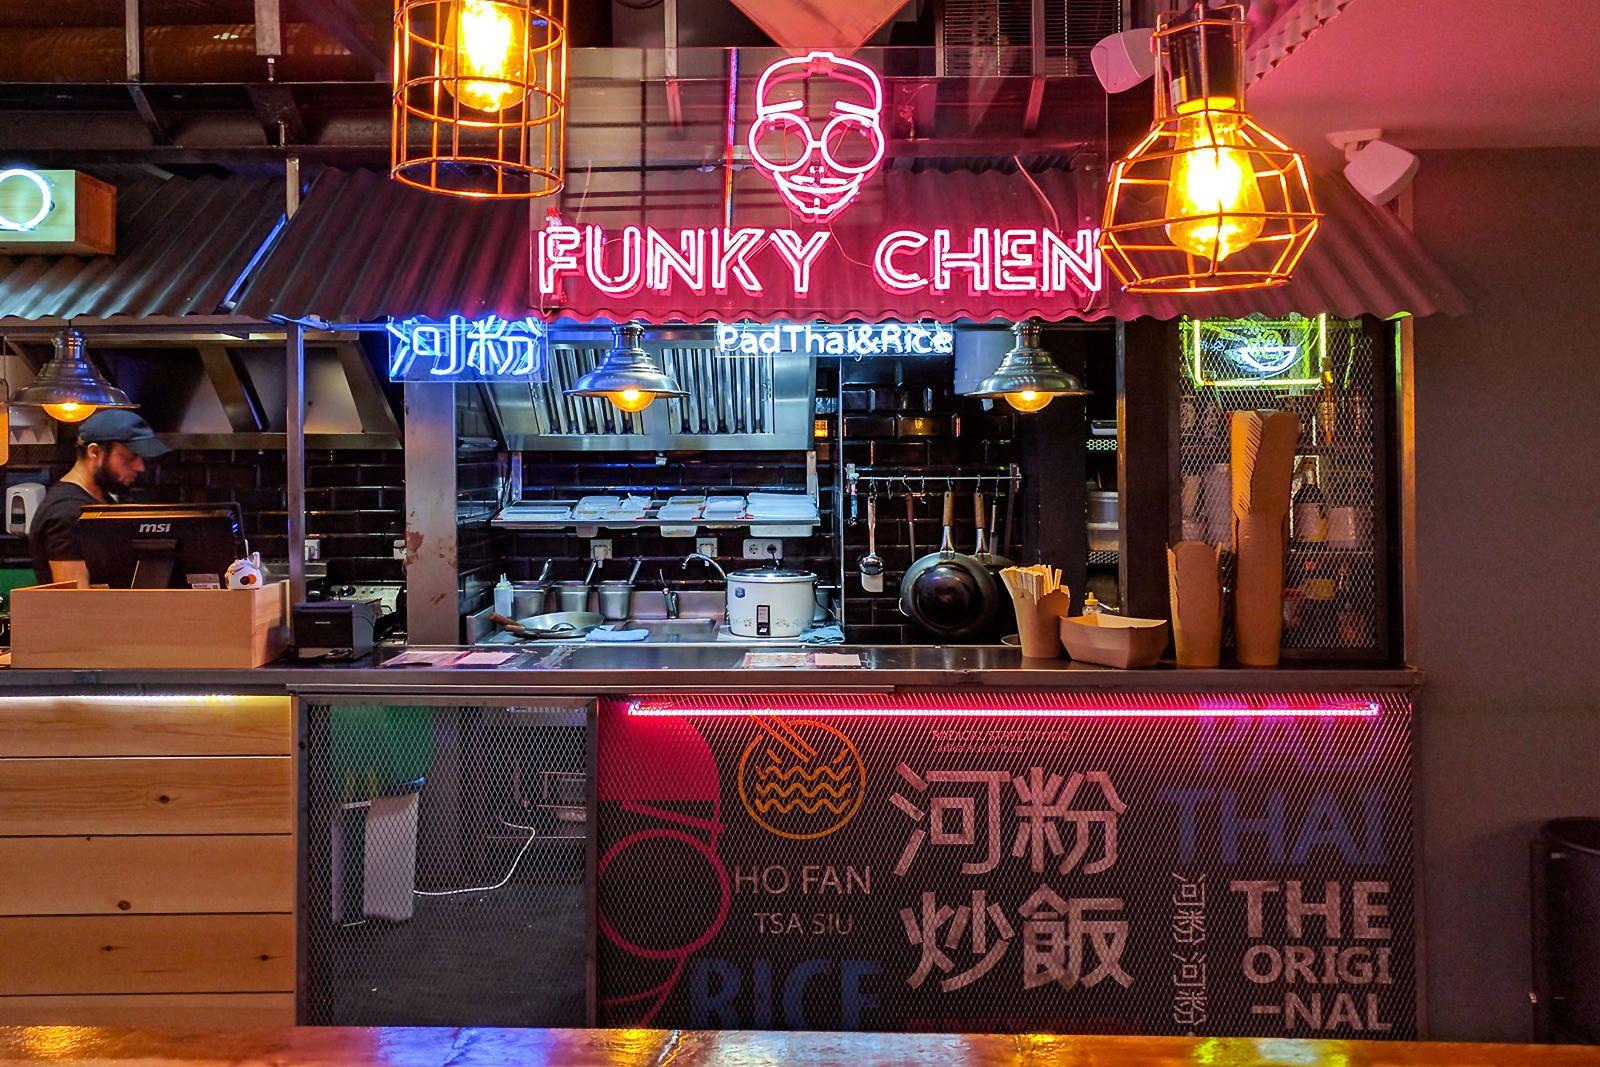 Yatai Market El Sudeste Asiático Está Al Lado De La Puerta Del Sol En 2020 Restaurante De Hamburguesas Comida De La Calle Diseño De Barra De Café